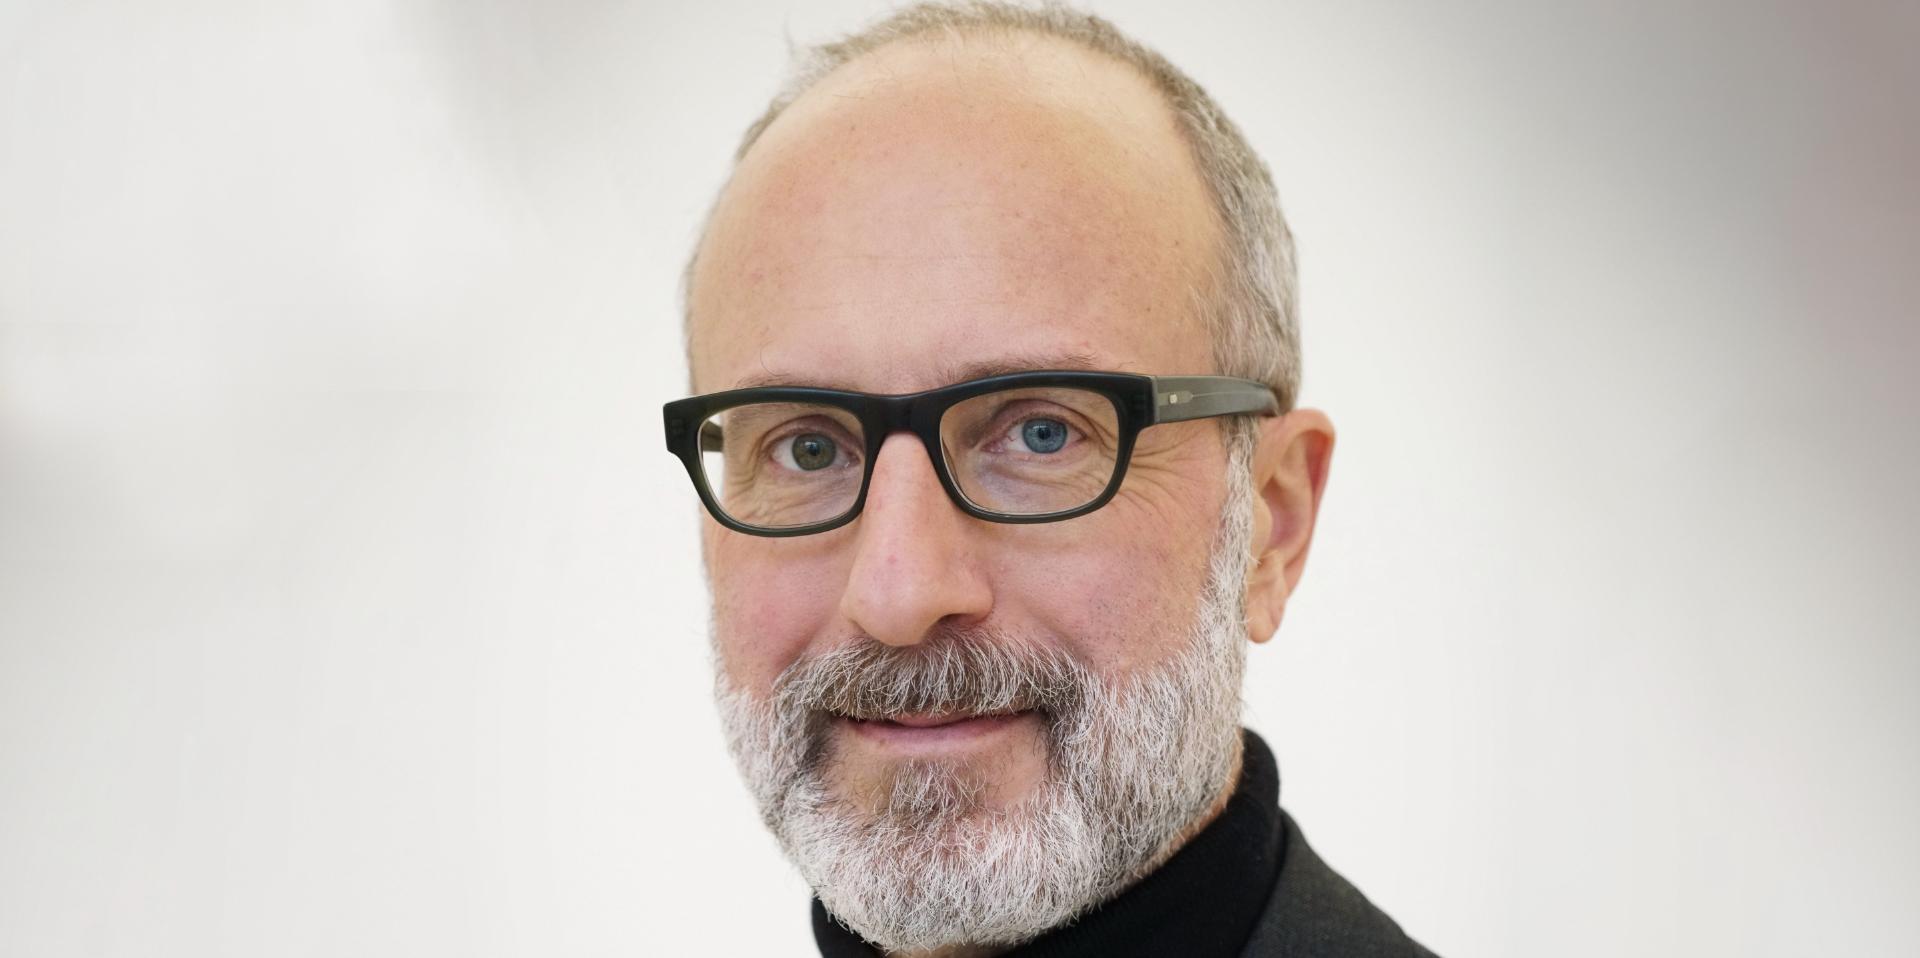 Juan Carlos De Martin - Co-Founder and Co-Director